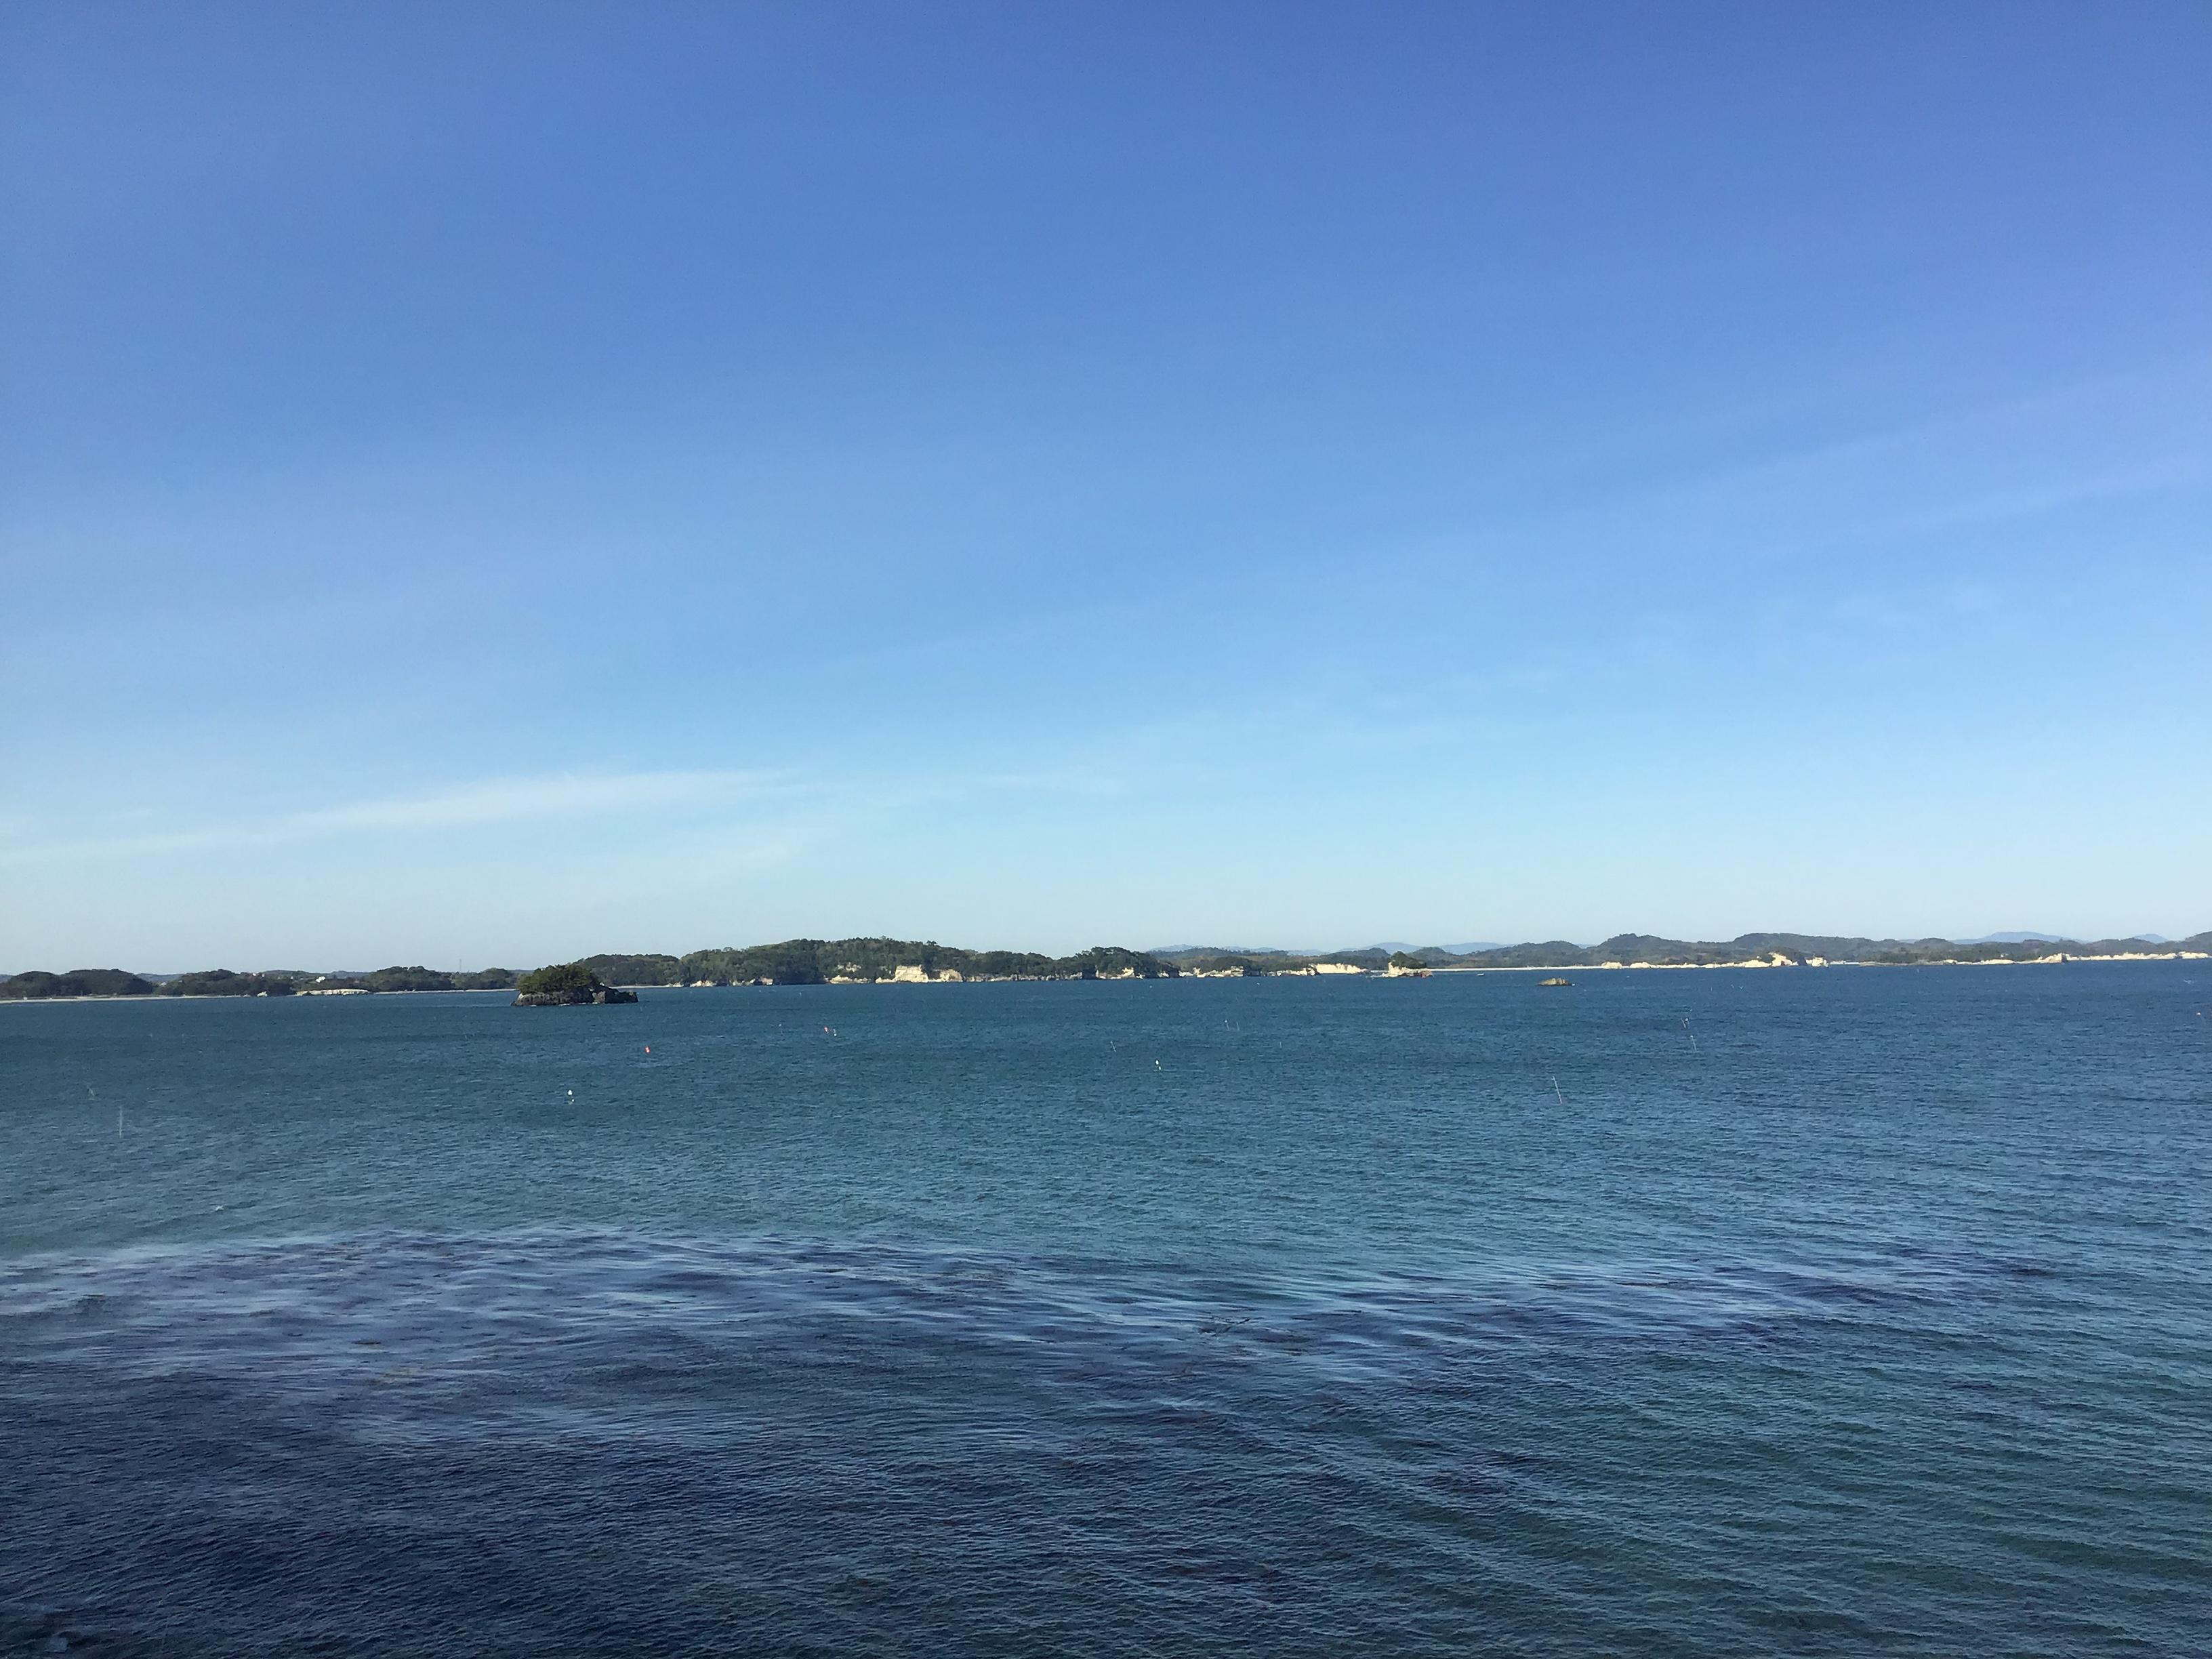 イライラ,減らす,気分転換,心にマイナスをためない,自分の力でできることを,七ヶ浜からの松島湾,太平洋